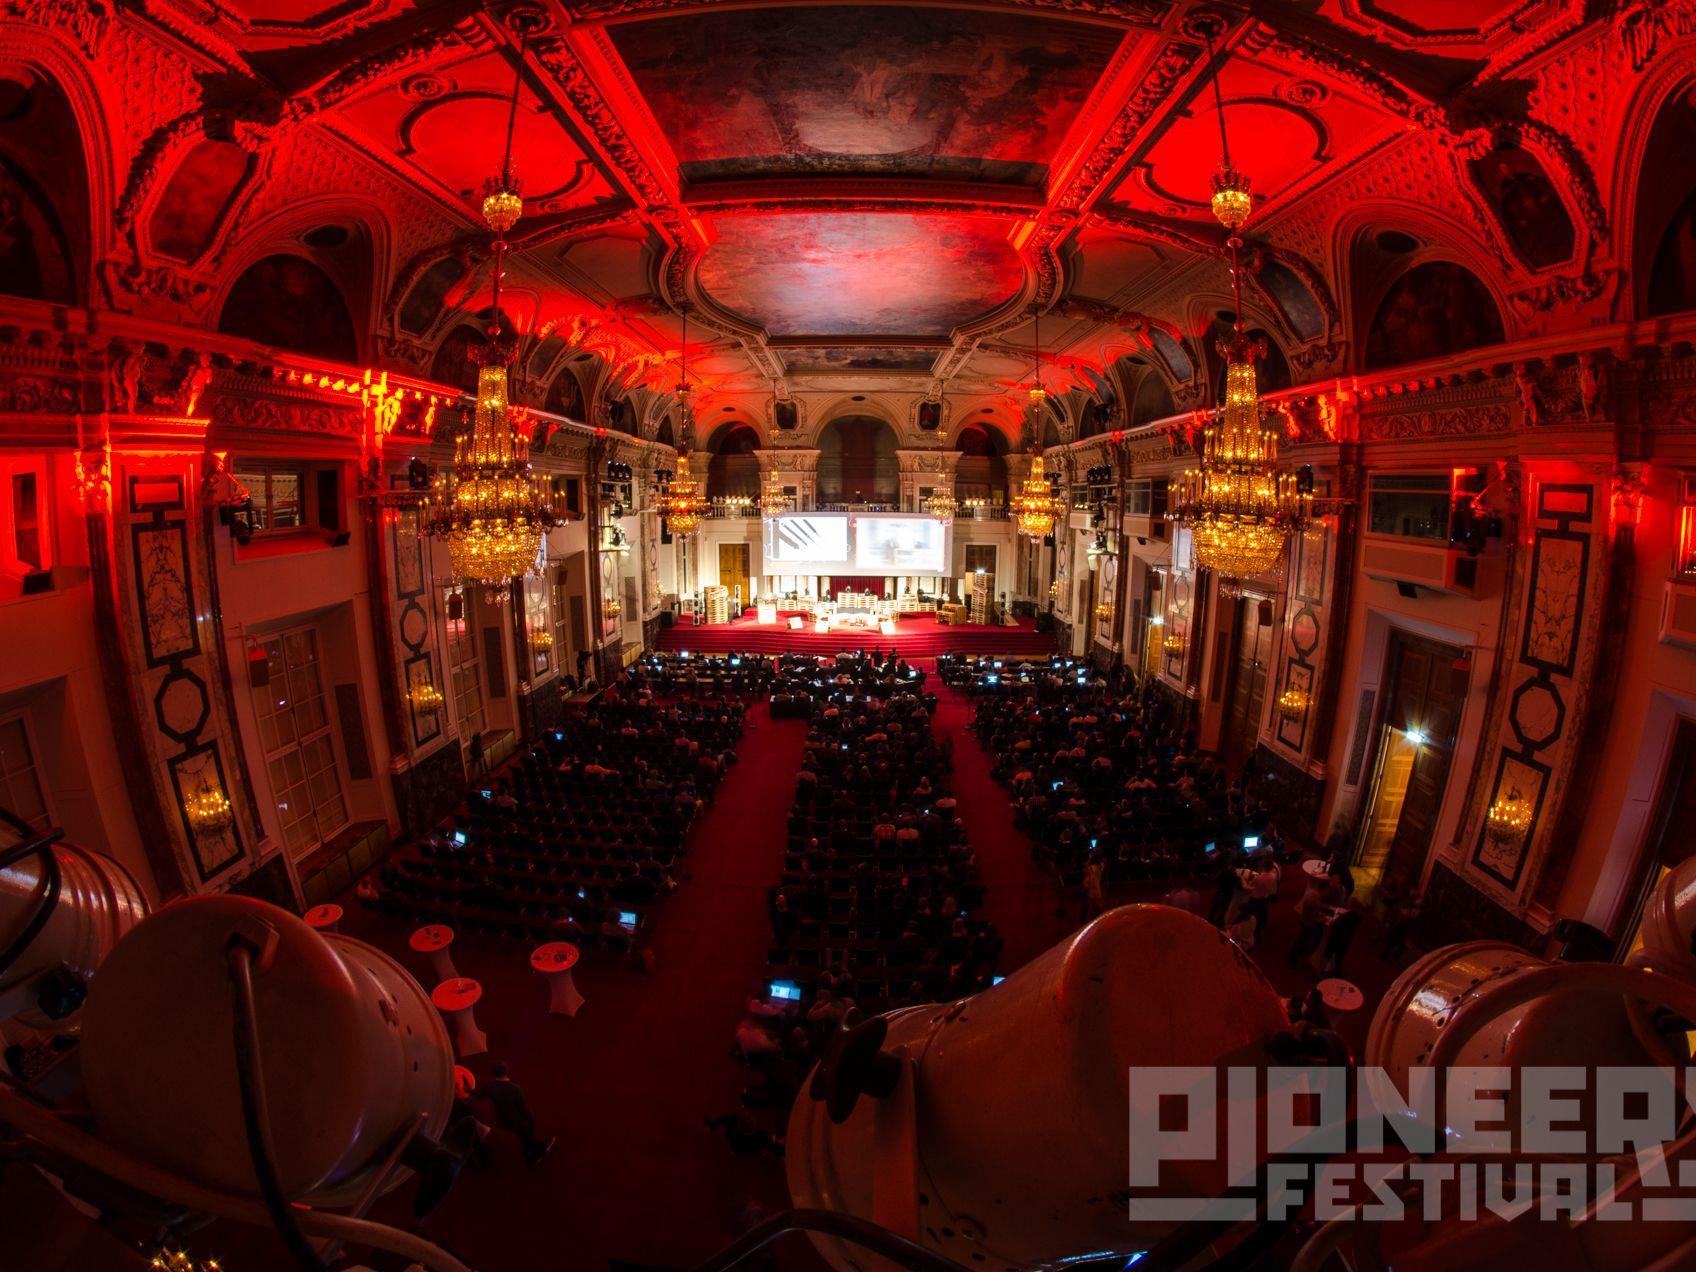 Die Start-Up-Szene trifft sich zum Pioneers Festival in der Hofburg